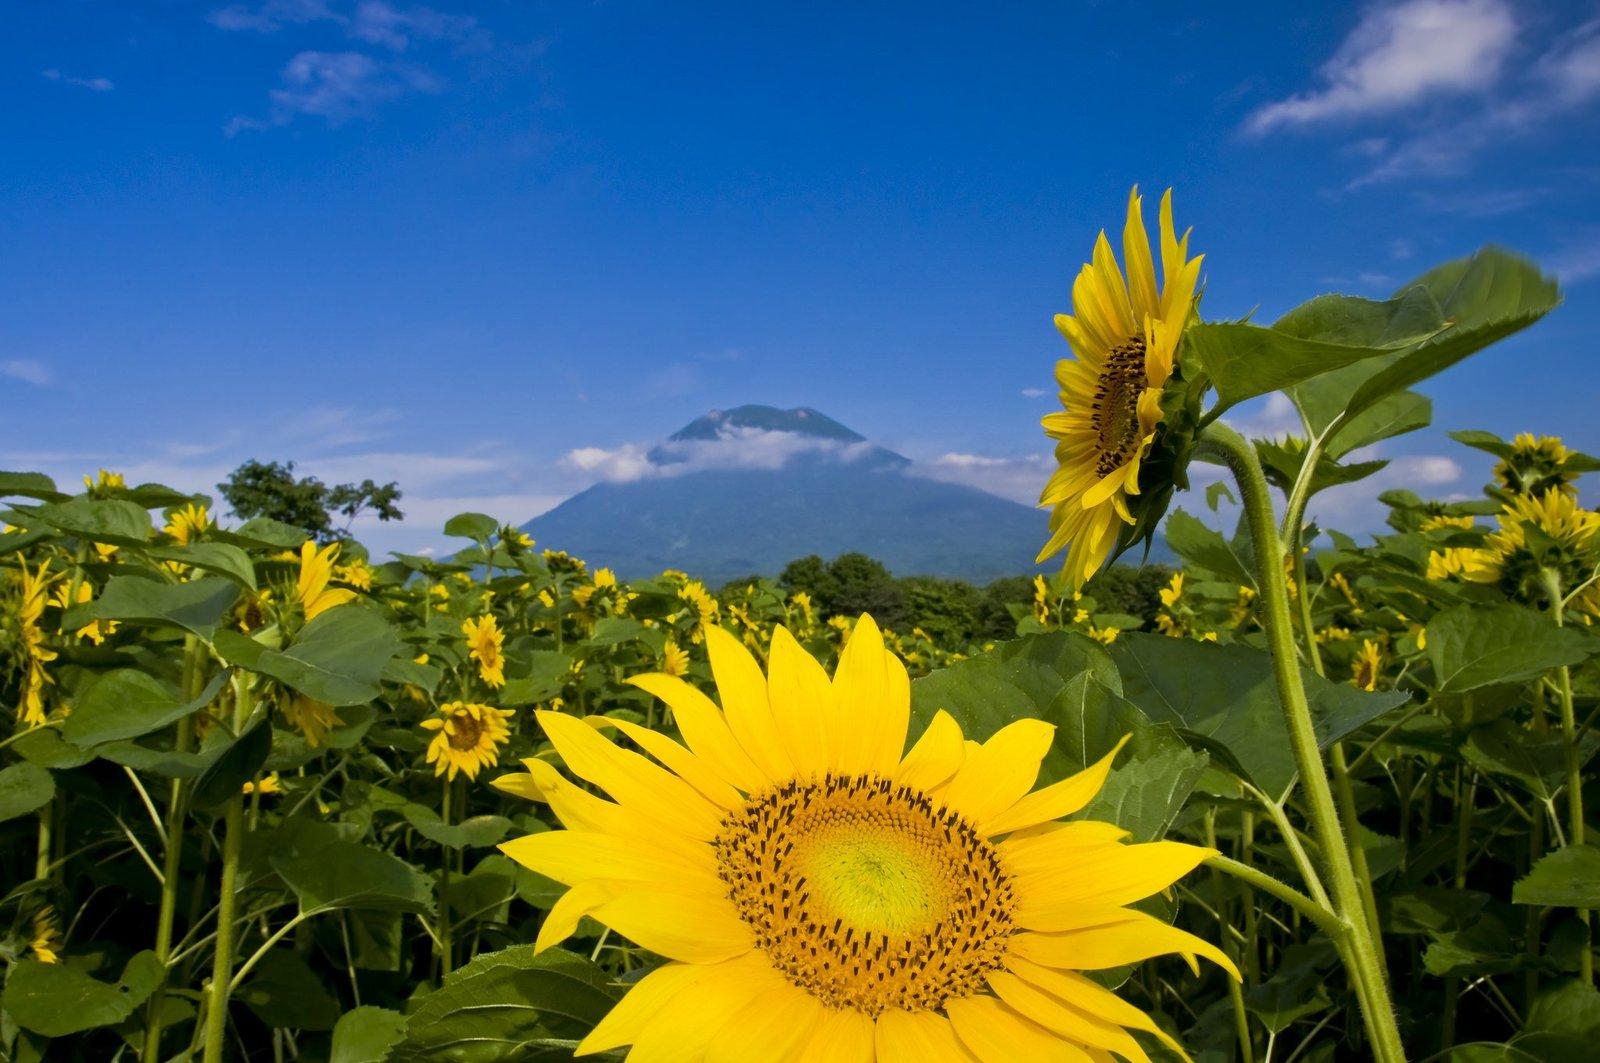 Yotei sun flowers